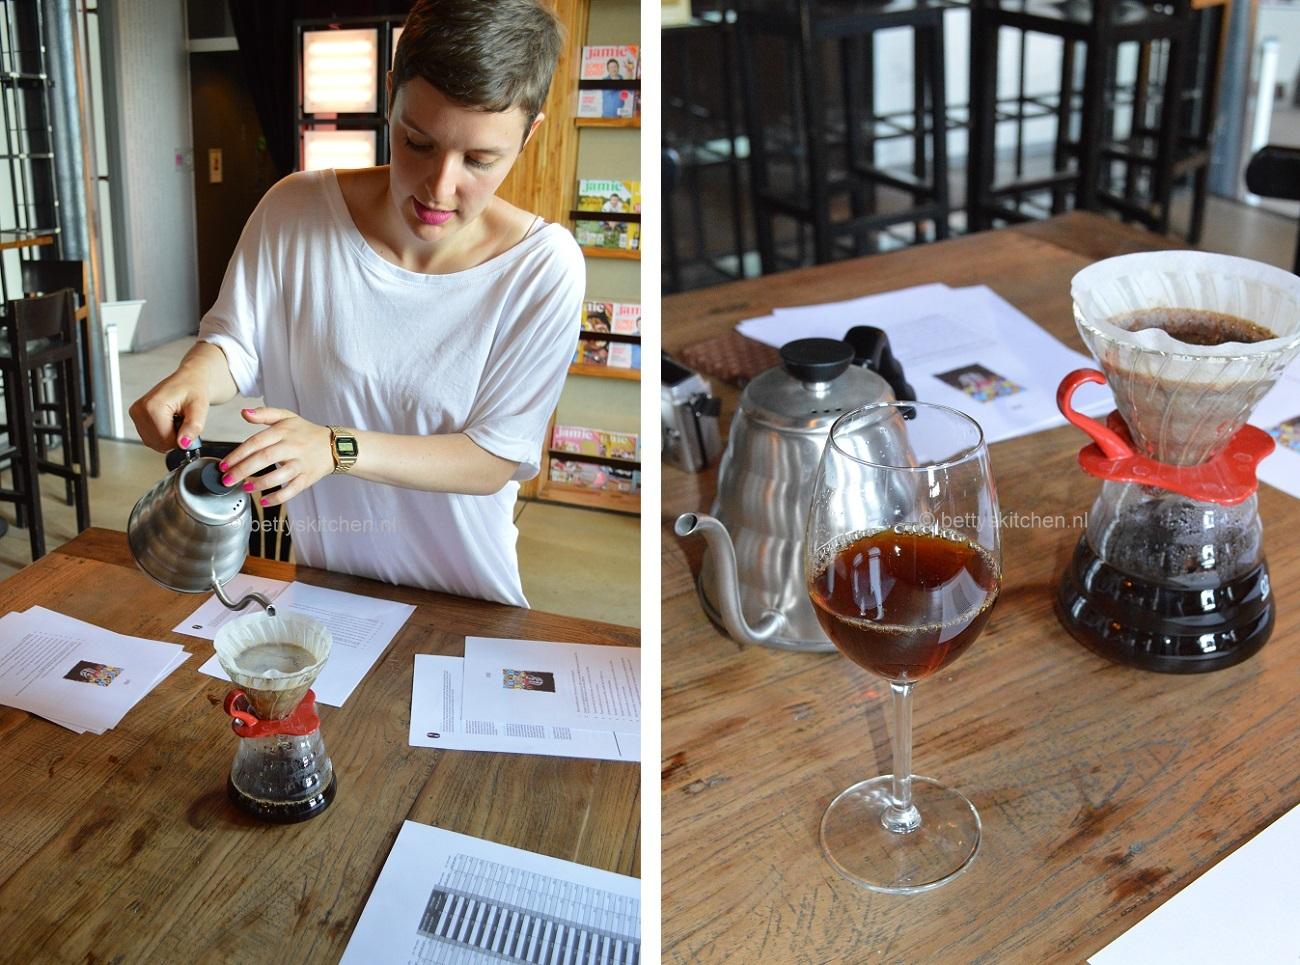 slow koffie inschenken tijden het Jamie Magazine foodbloggers event